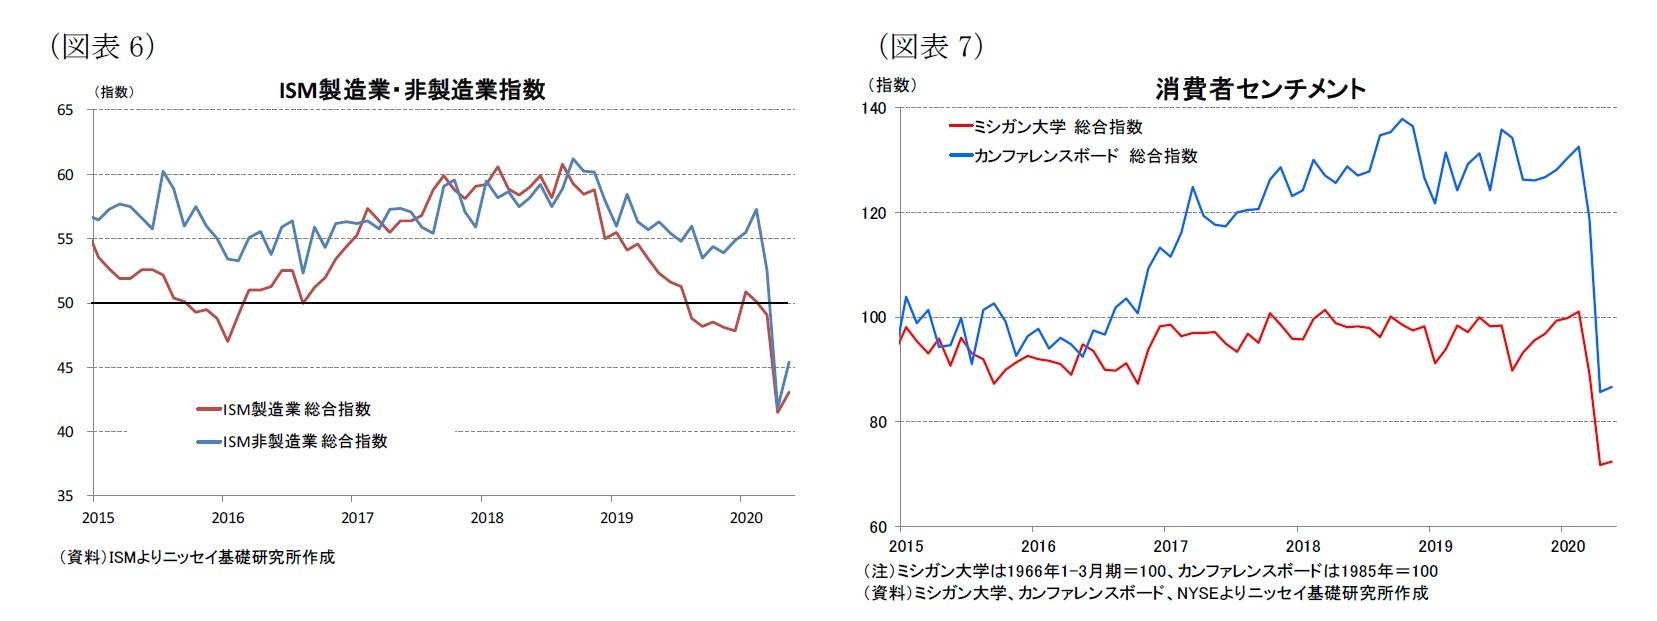 (図表6)ISM製造業・非製造業指数/(図表7)消費者センチメント